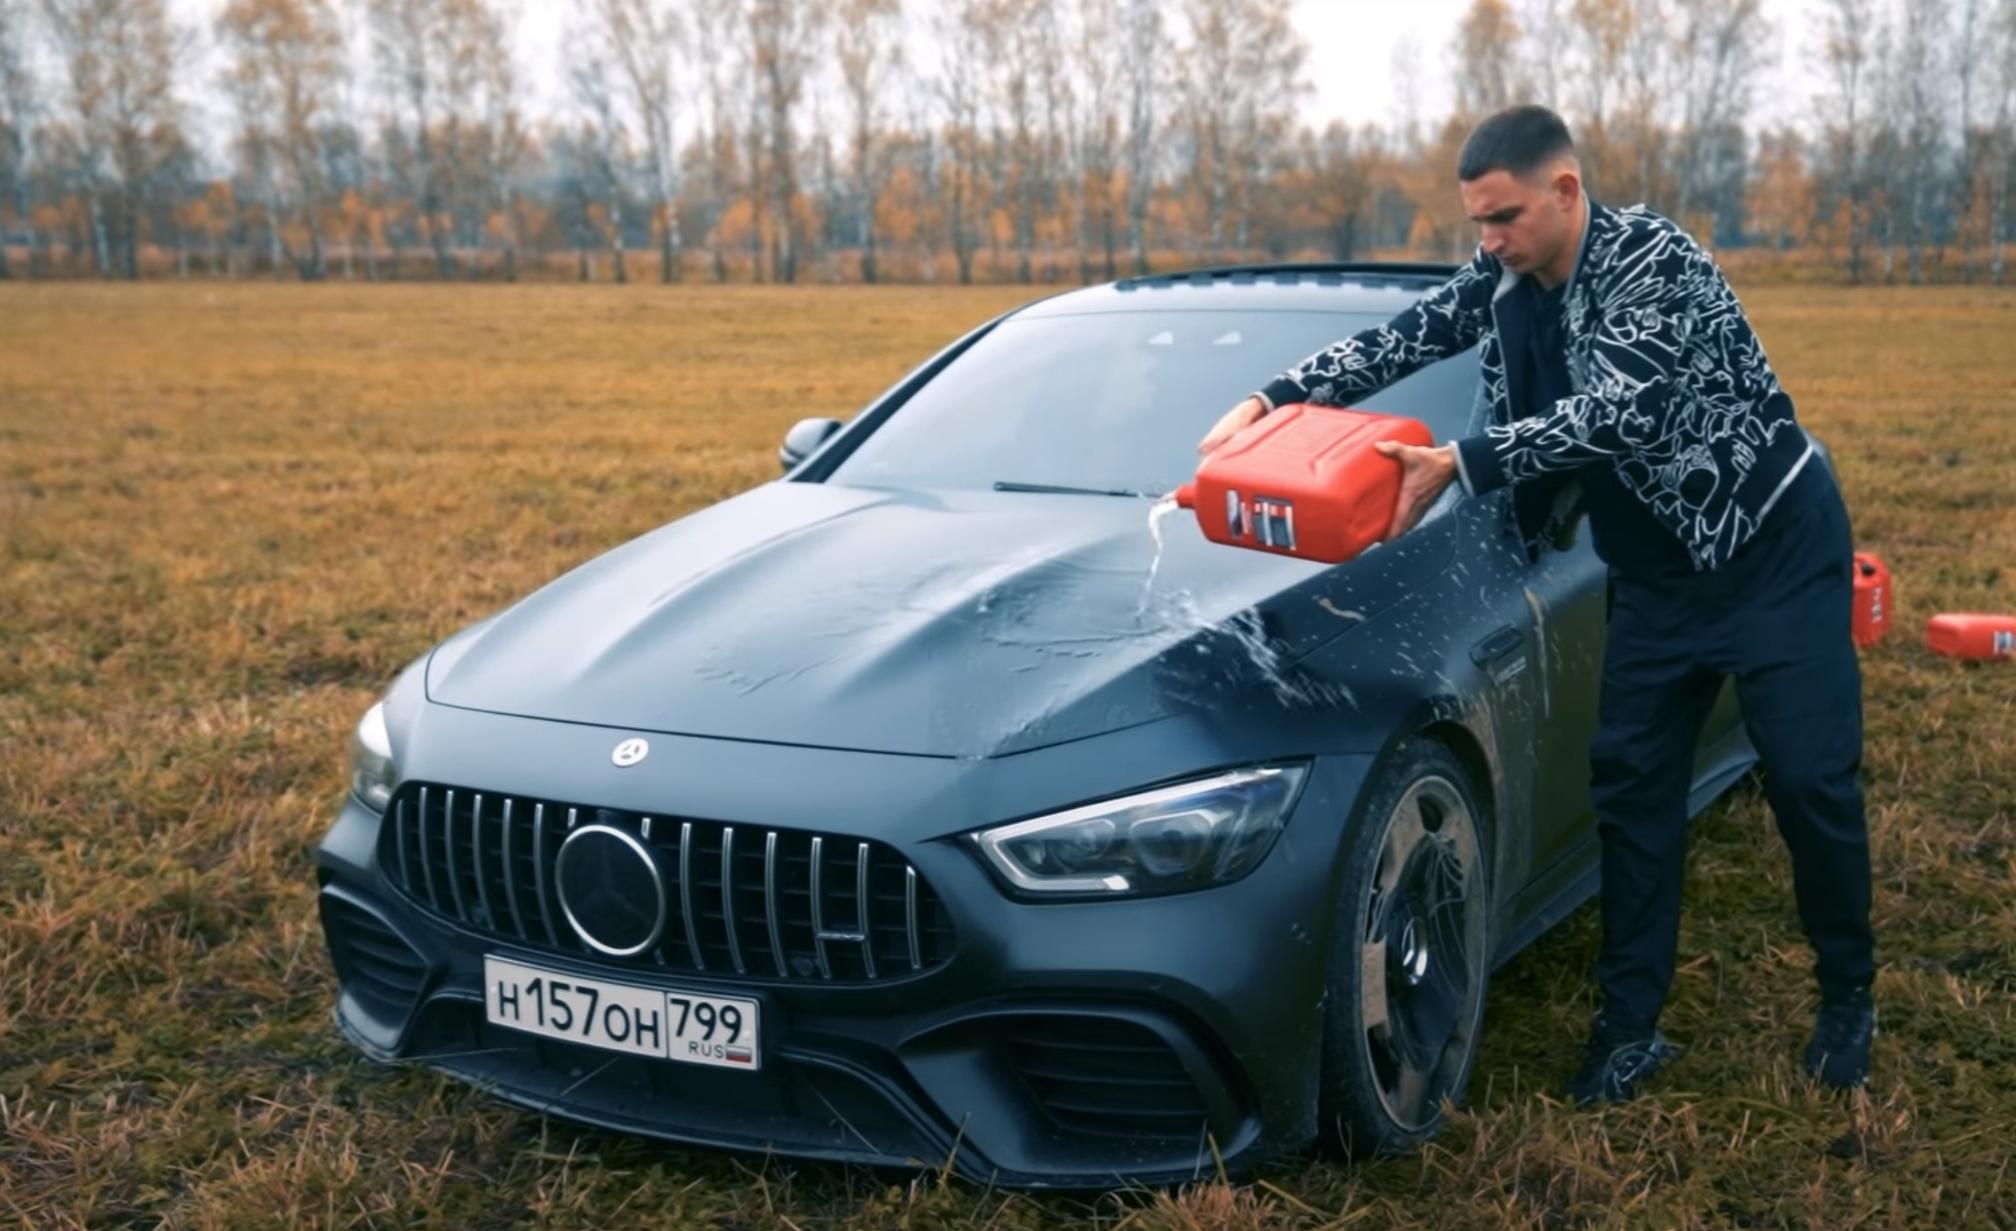 Der Influencer Mikail Litvin übergießt seinen Mercedes-AMG GT 63s Viertürer mit Benzin.